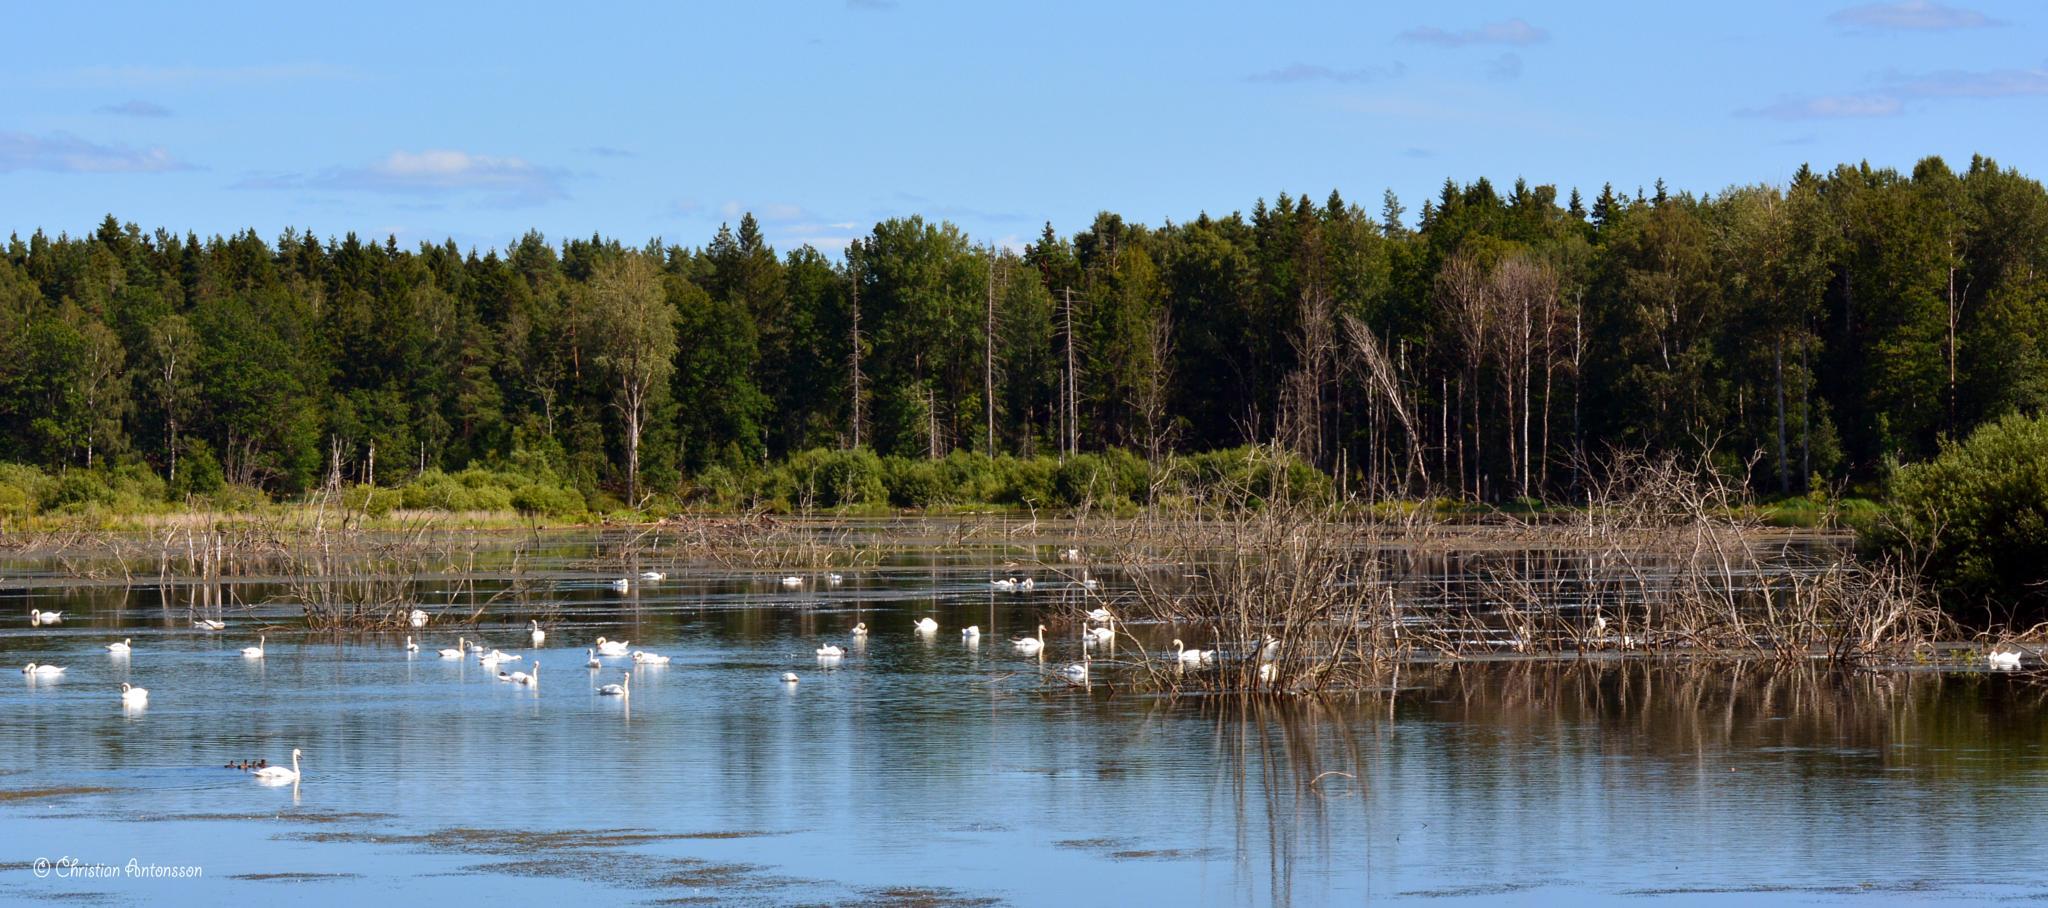 Swans at Lake Rosenkällasjön by christian.antonsson